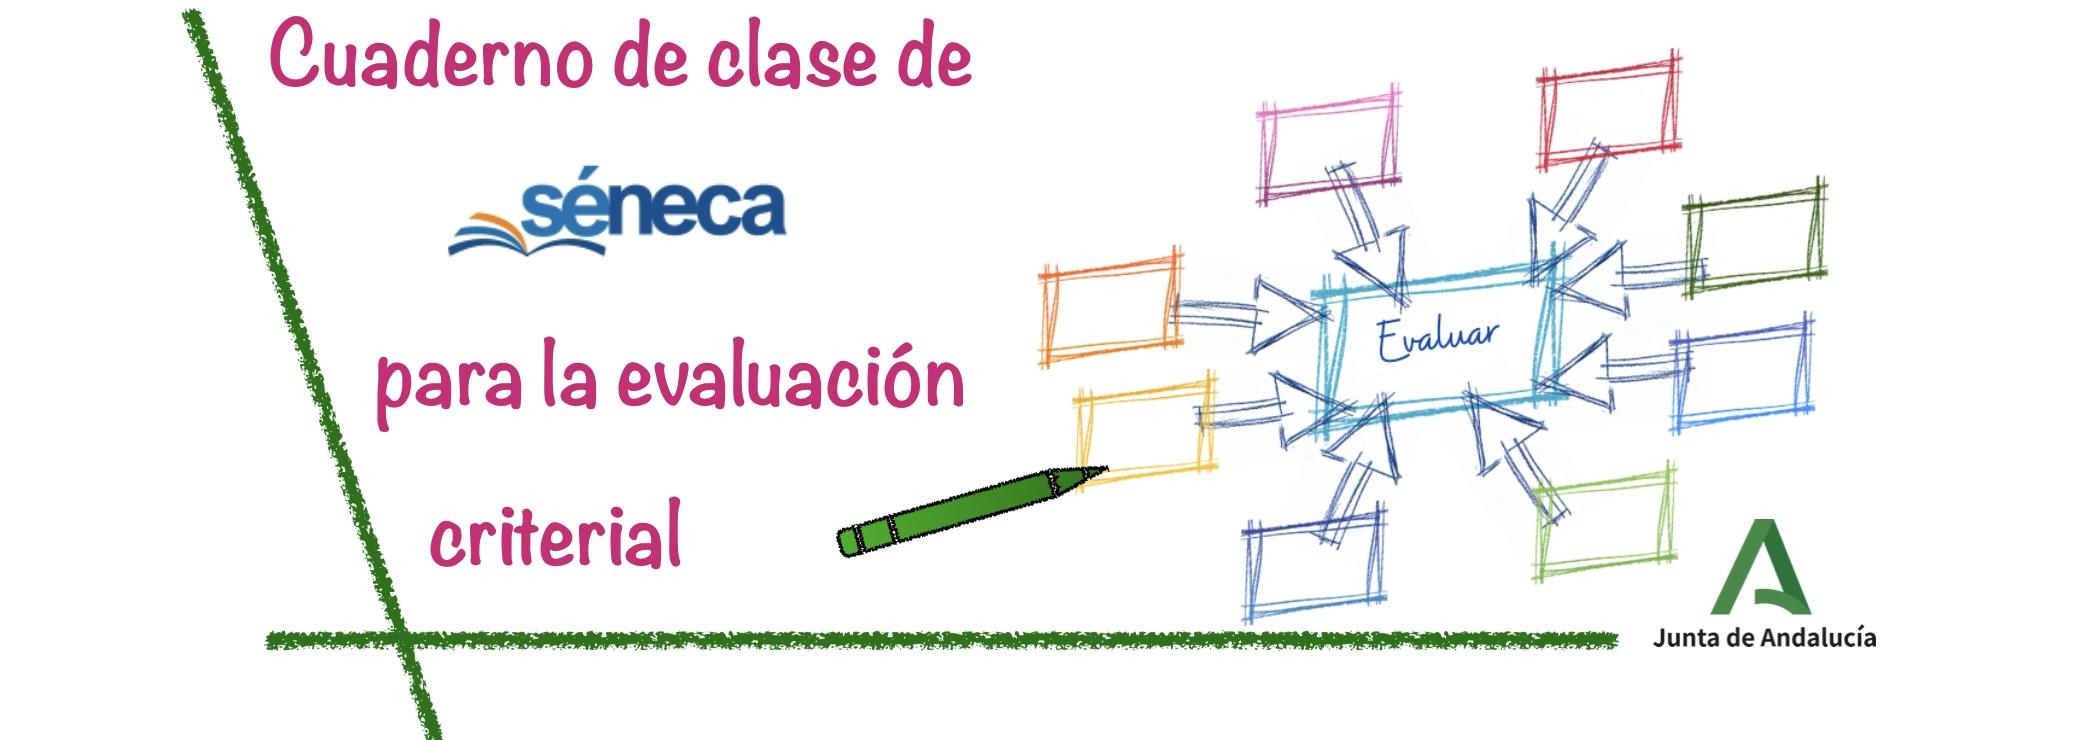 Cuaderno de Clase de Séneca para Evaluación Criterial.